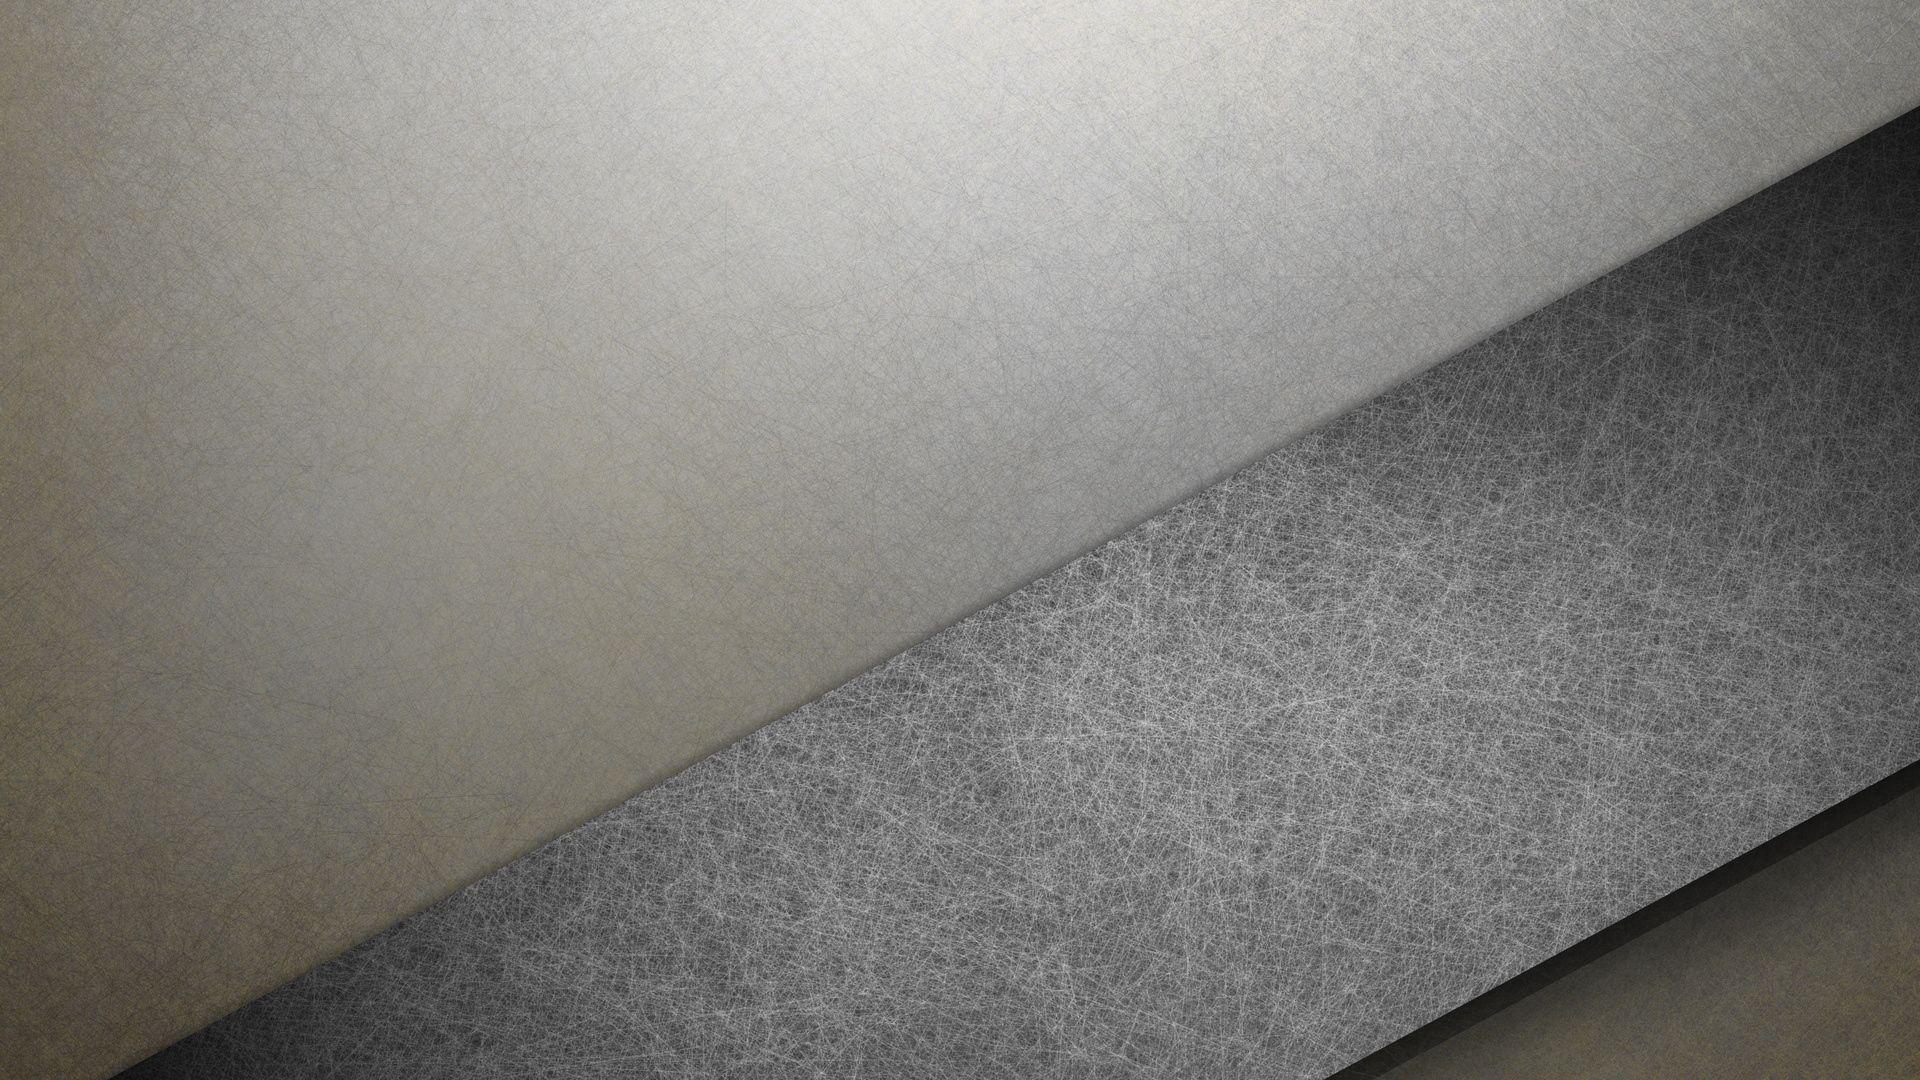 63436 скачать обои Текстуры, Серый, Текстура, Линии, Поверхность - заставки и картинки бесплатно